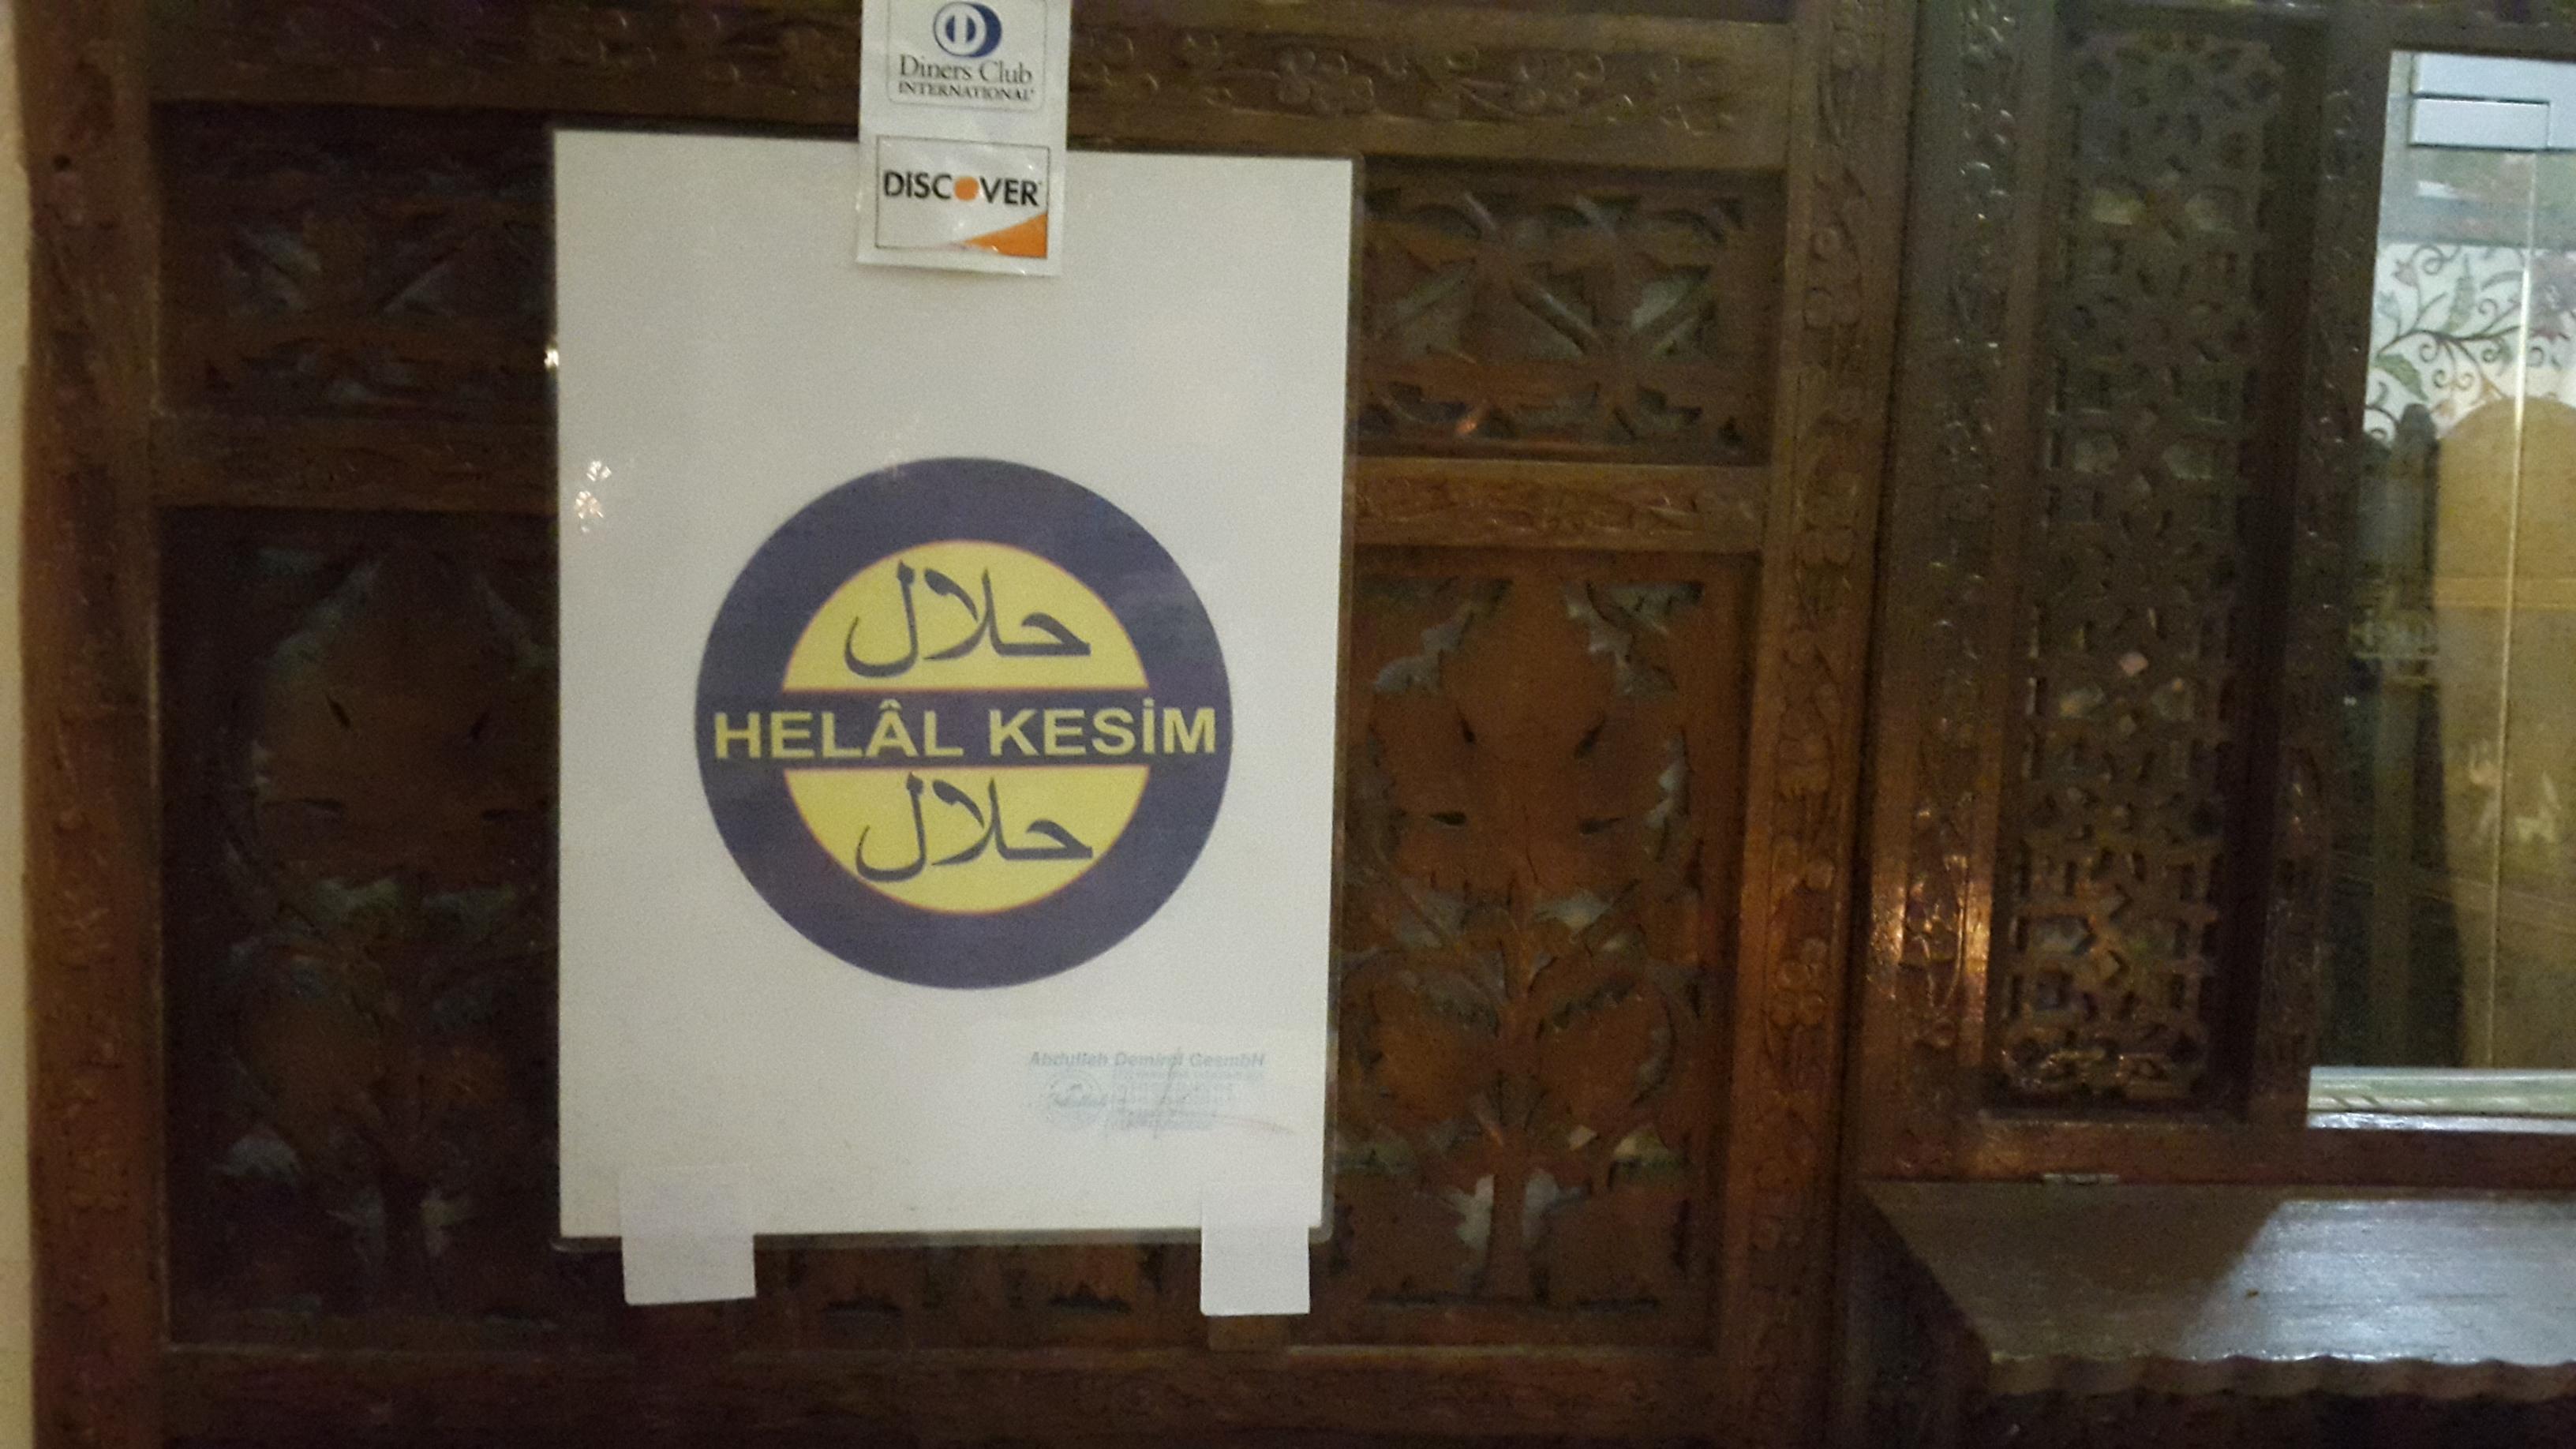 Sign for halal food